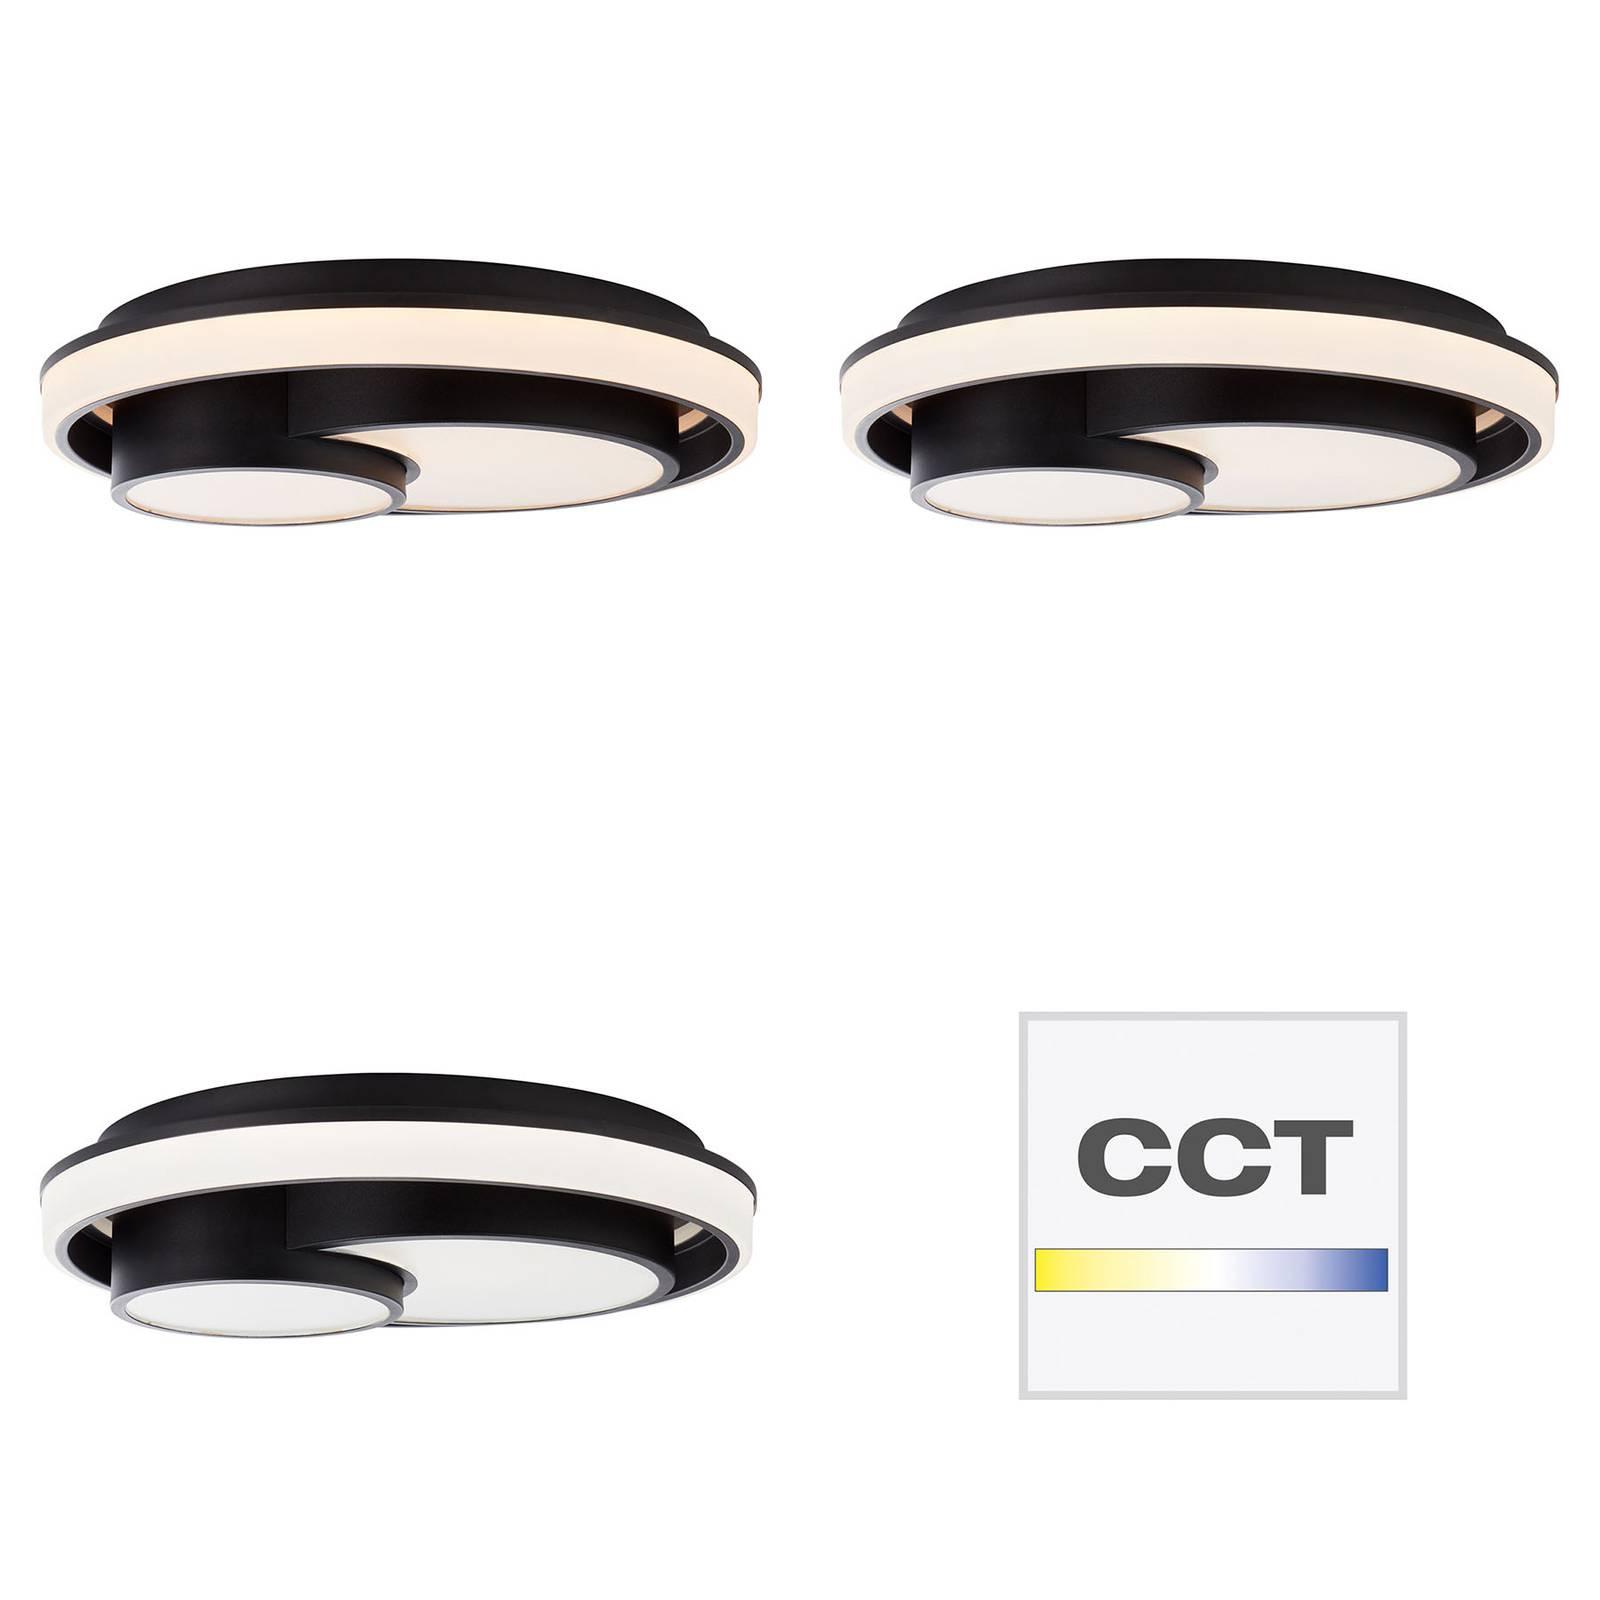 AEG Dwain LED-Deckenleuchte, dimmbar, CCT, Remote